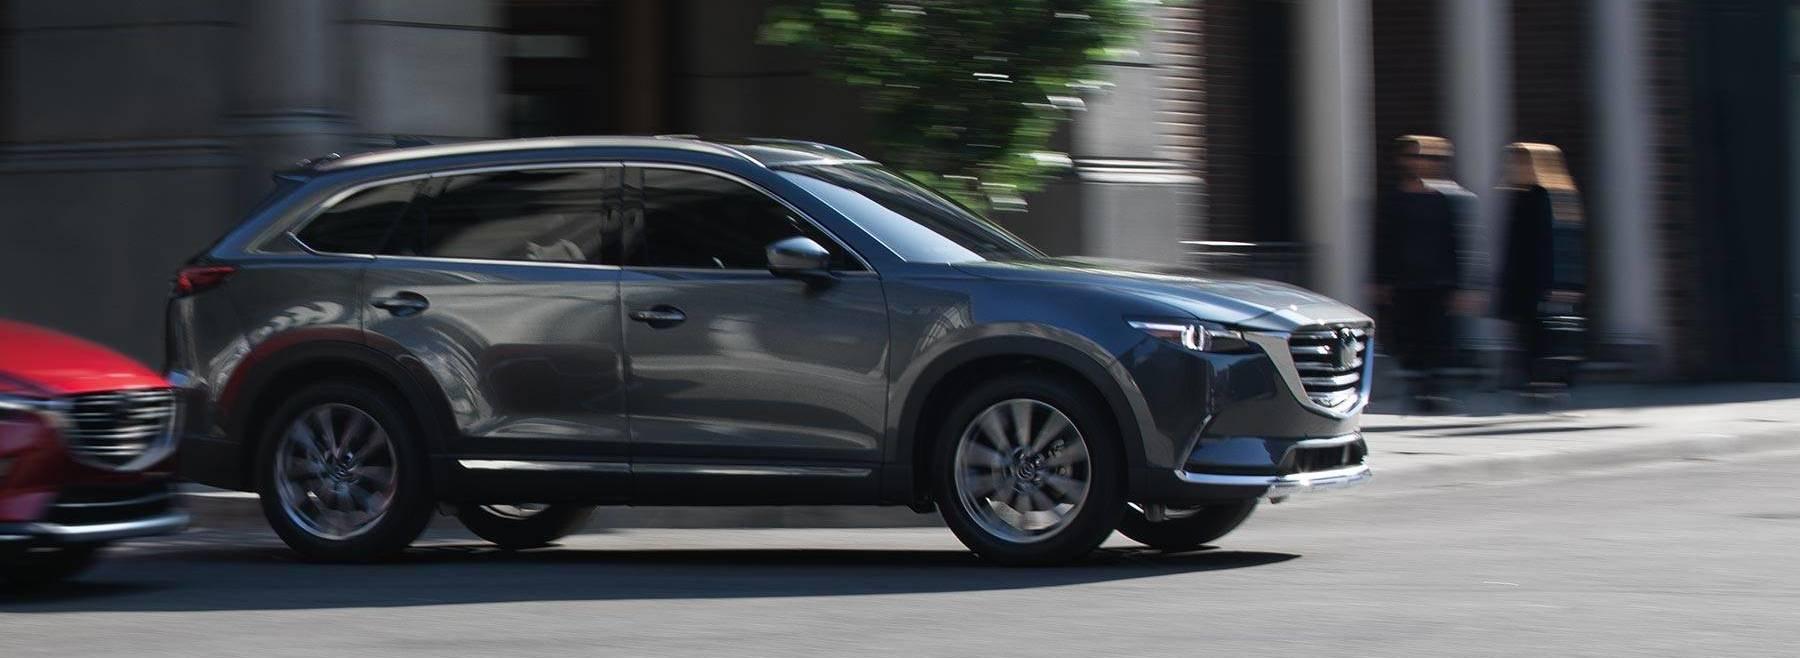 2019 Mazda CX-9 Leasing near Lodi, CA